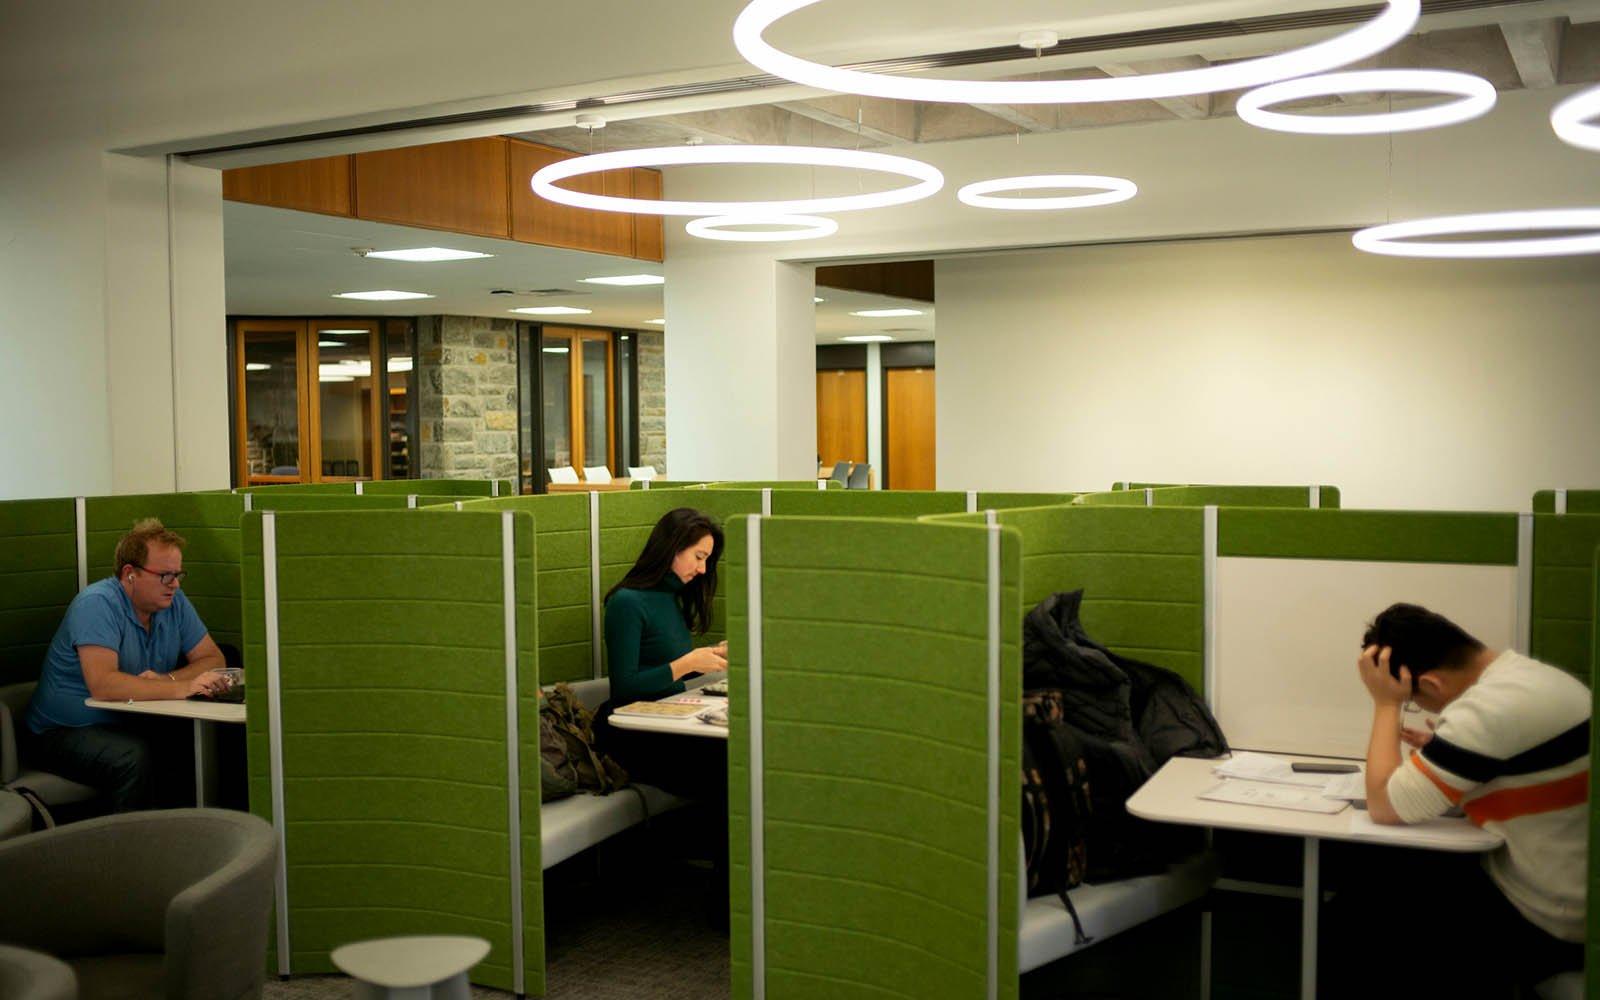 students in study carrels